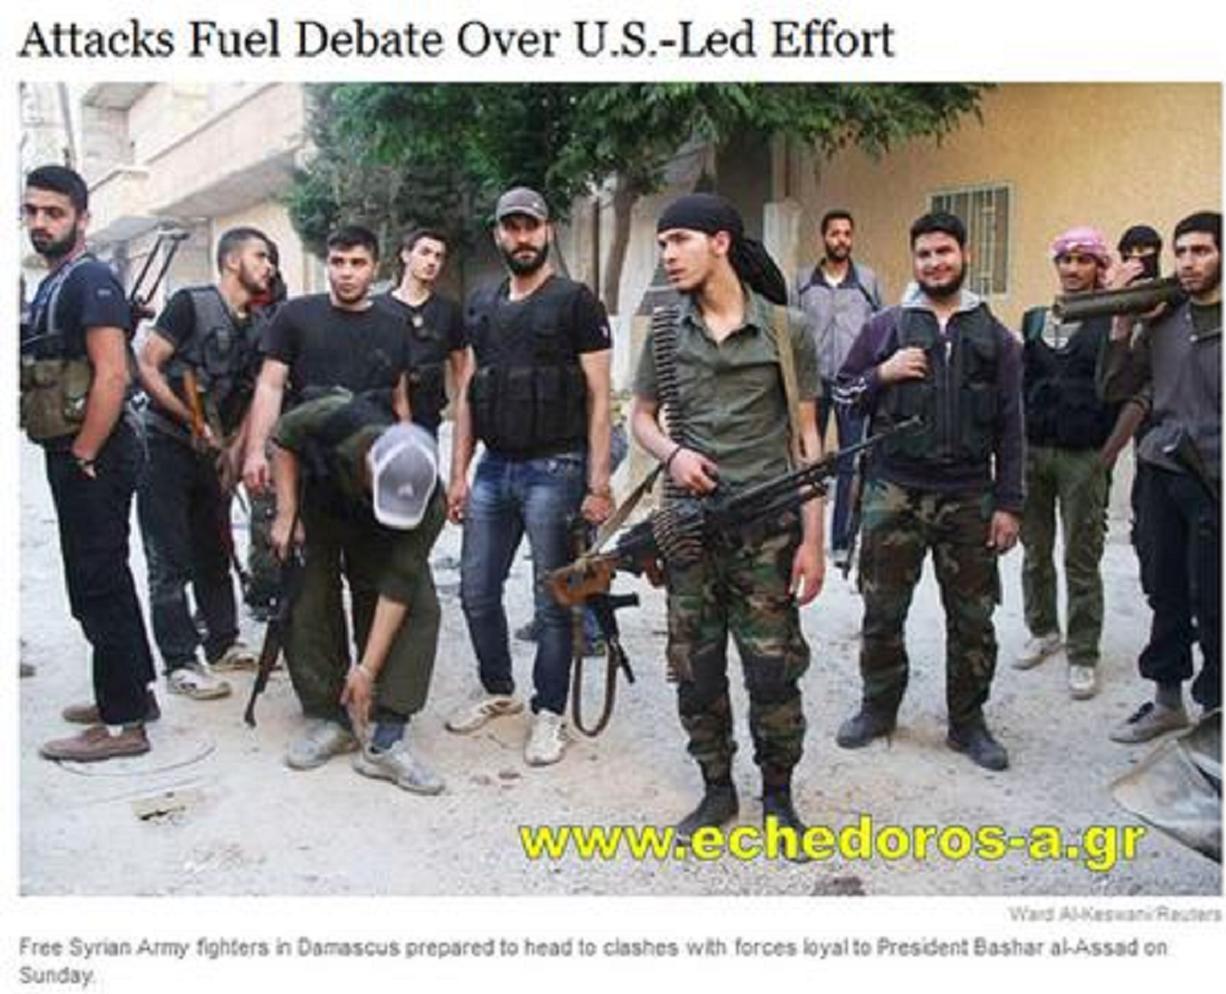 Καί γιατί ἔπρεπε νά ἐνημερωθοῦν οἱ ΗΠΑ γιά τίς ἐπιθέσεις τοῦ Ἰσραῆλ;